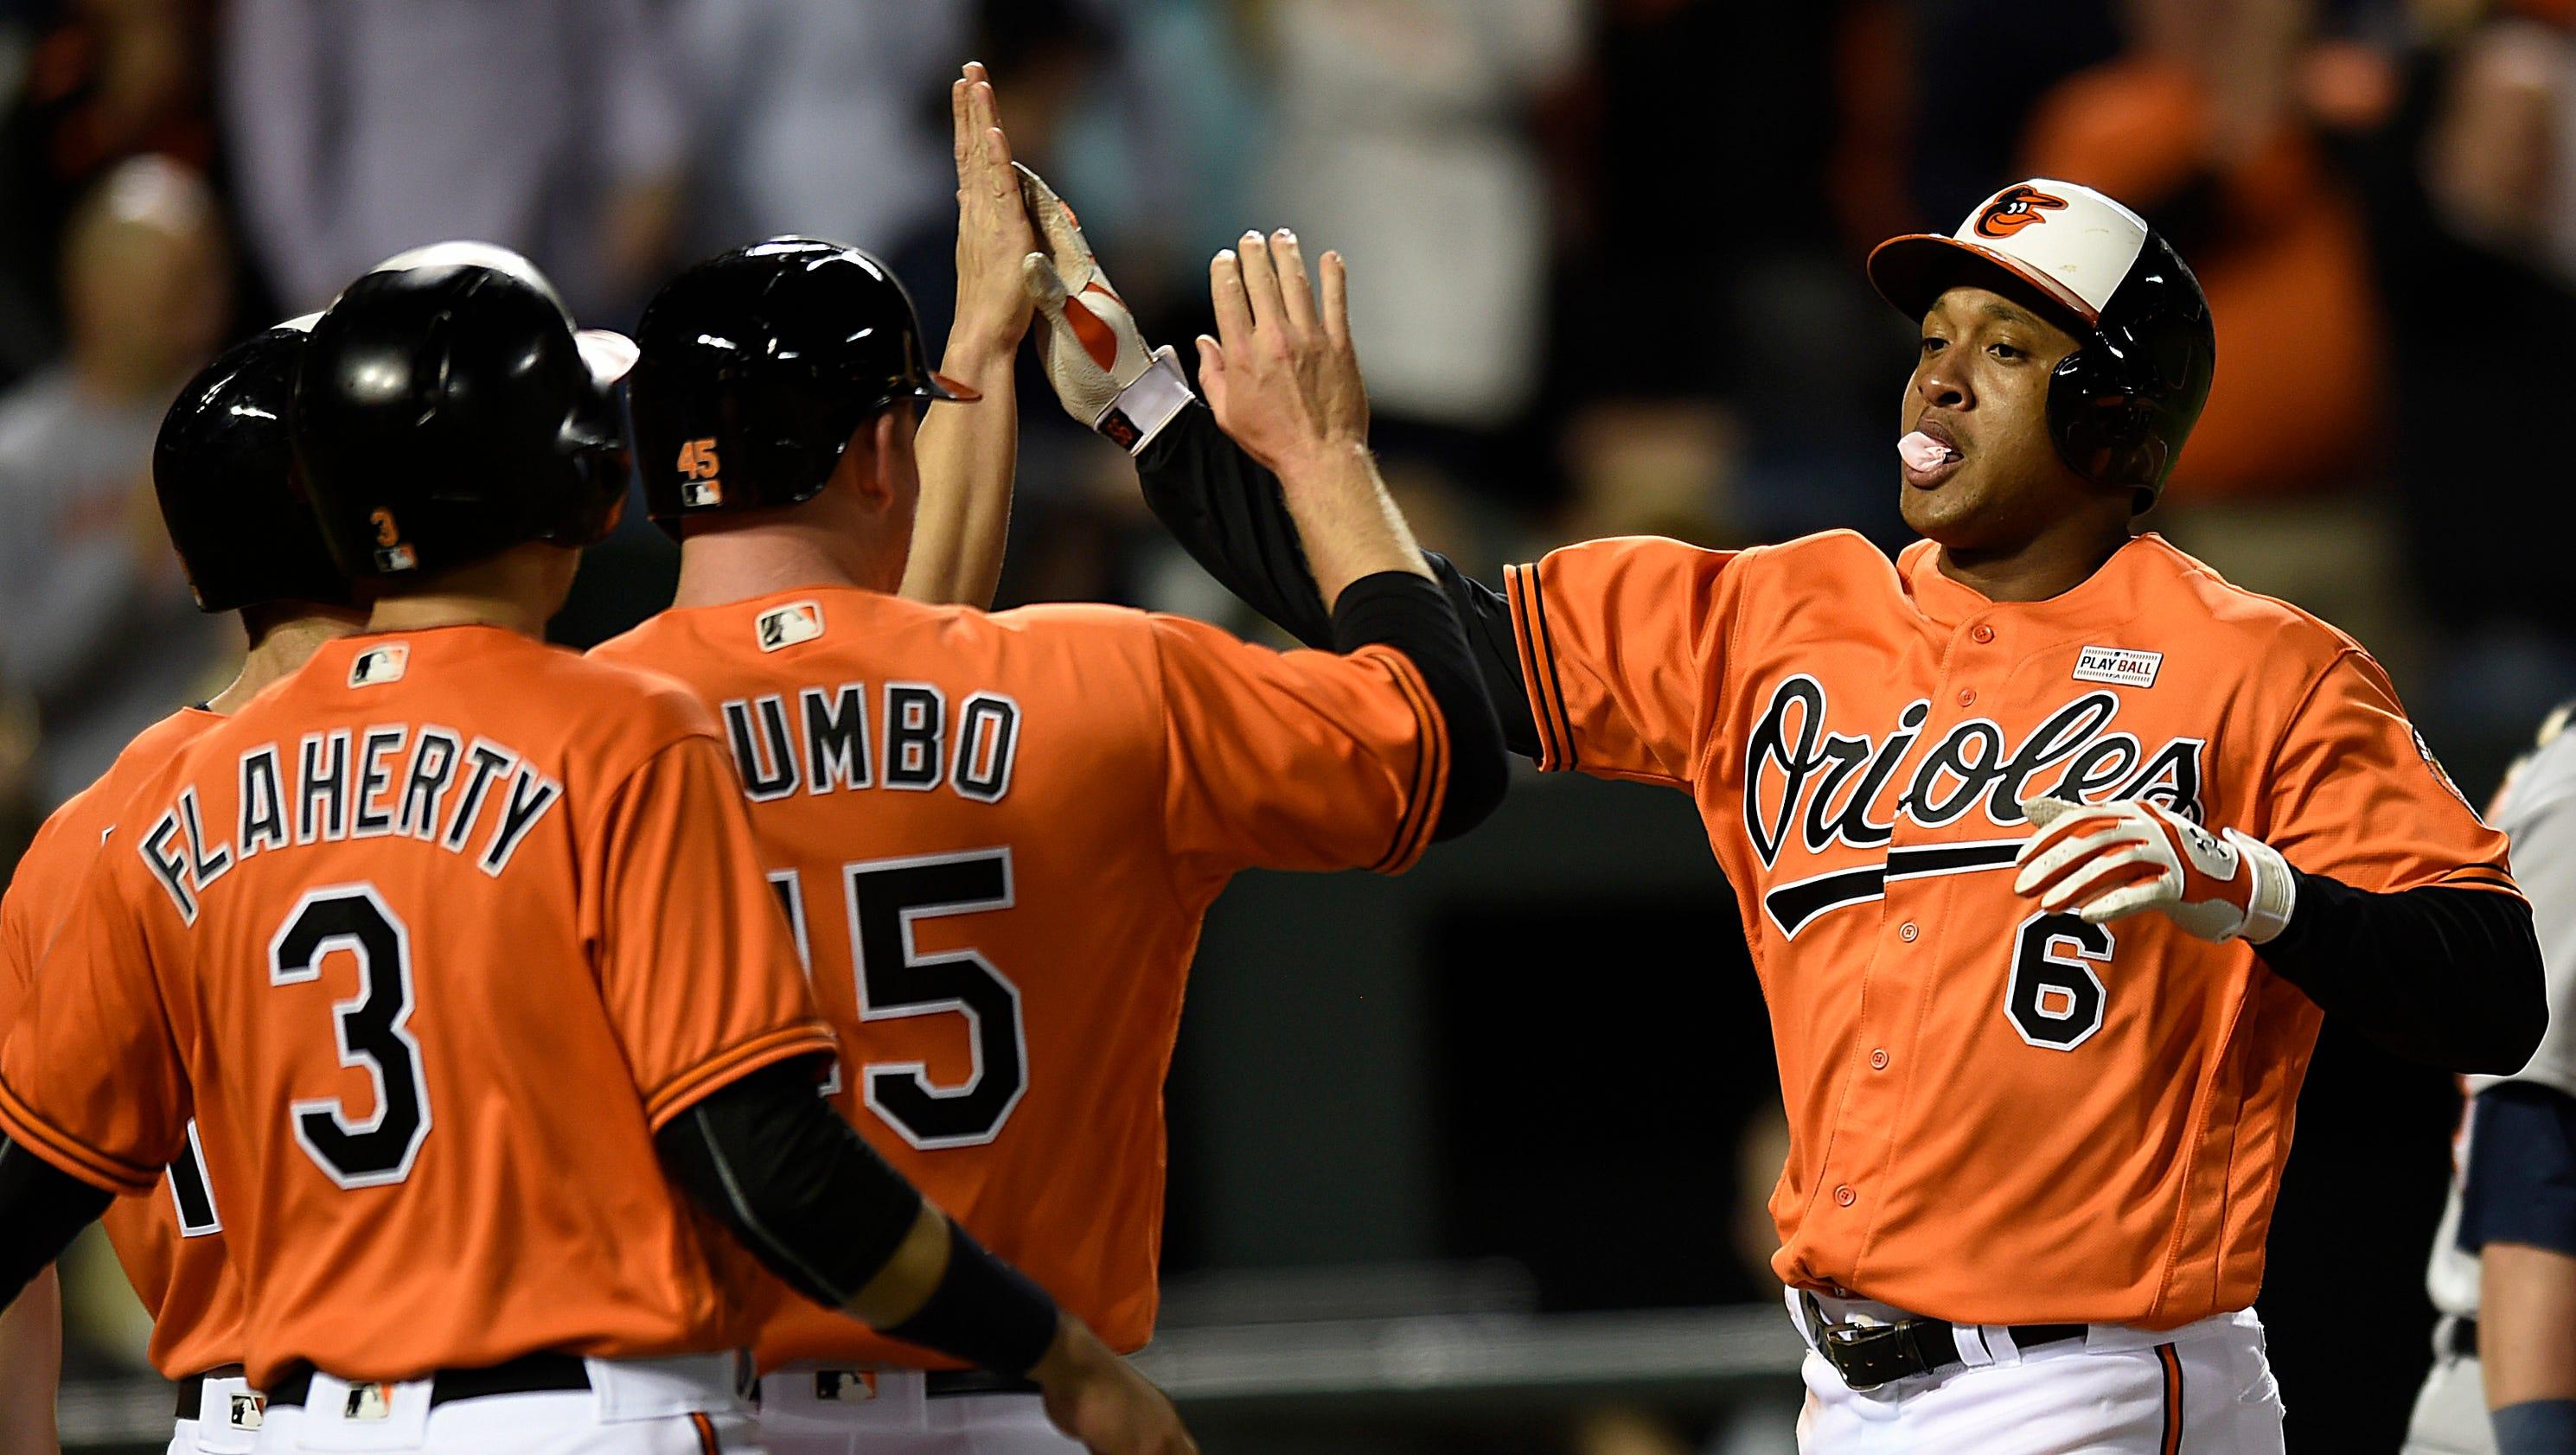 Orioles 9, Tigers 3